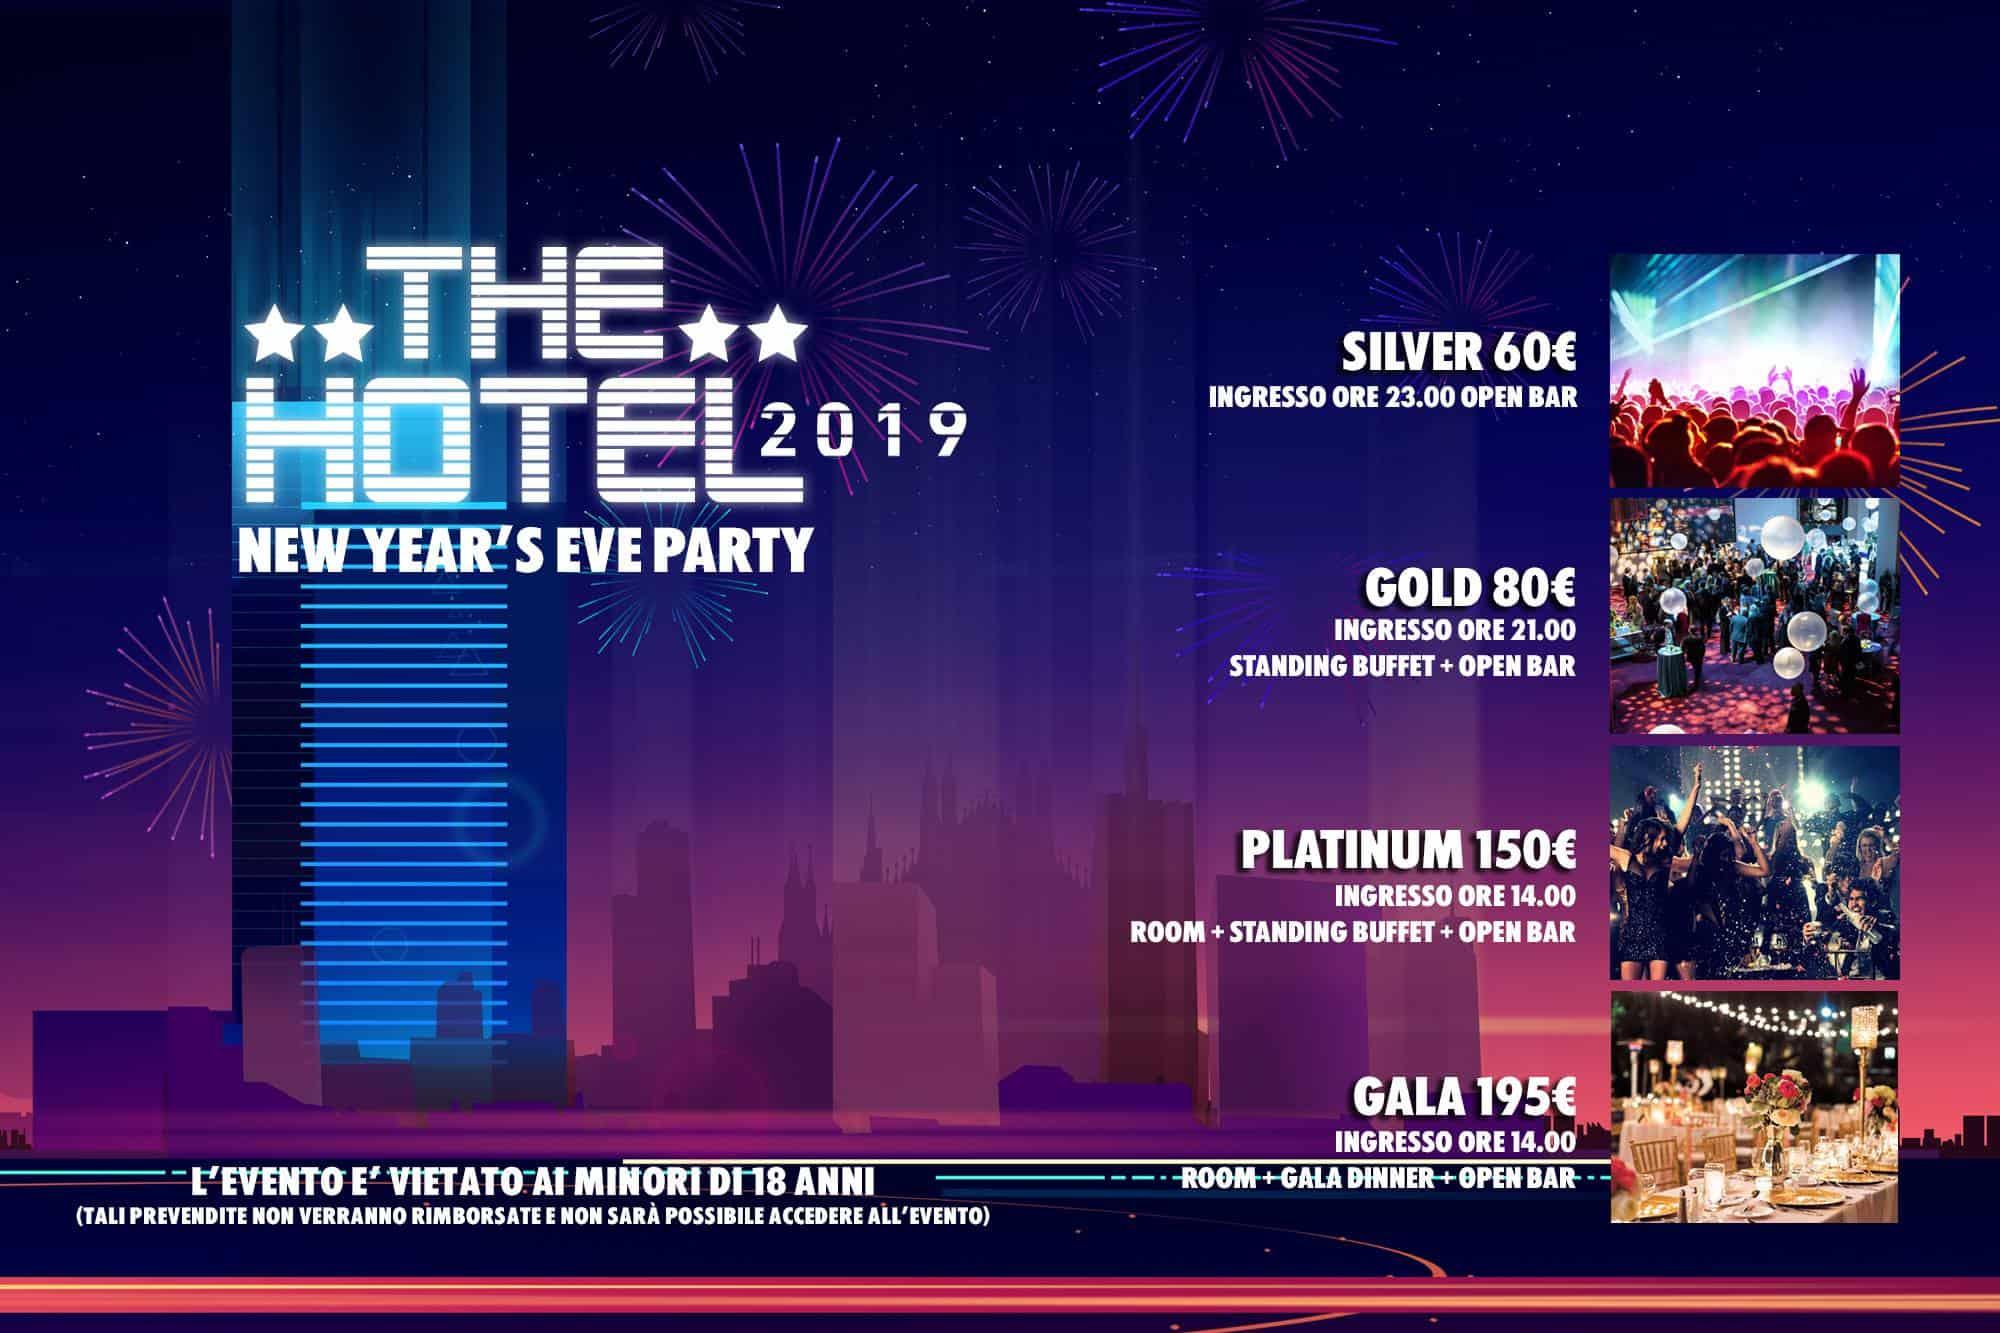 capodanno milano the hotel 2019